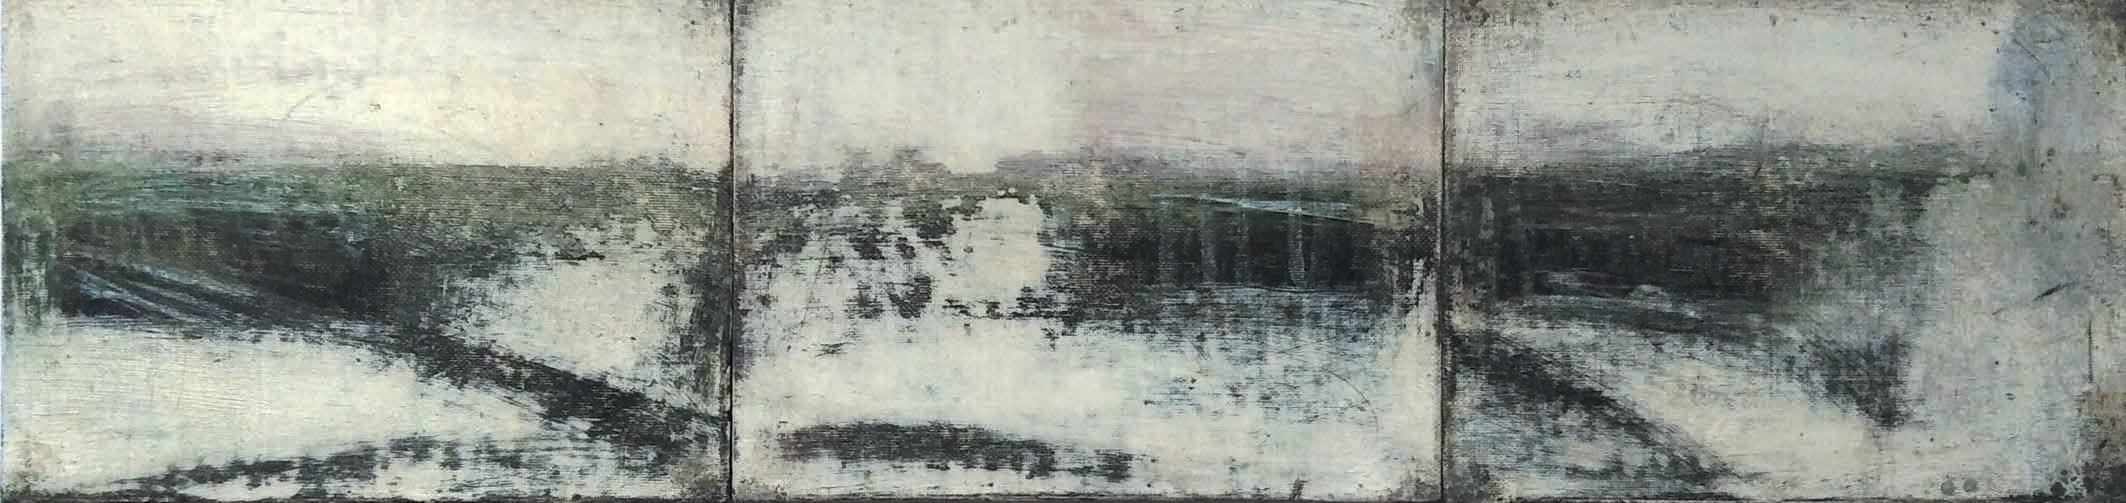 Massimo Romani, Landscape (13)- 2019 - olio su cartone telato - 13 x 54 cm